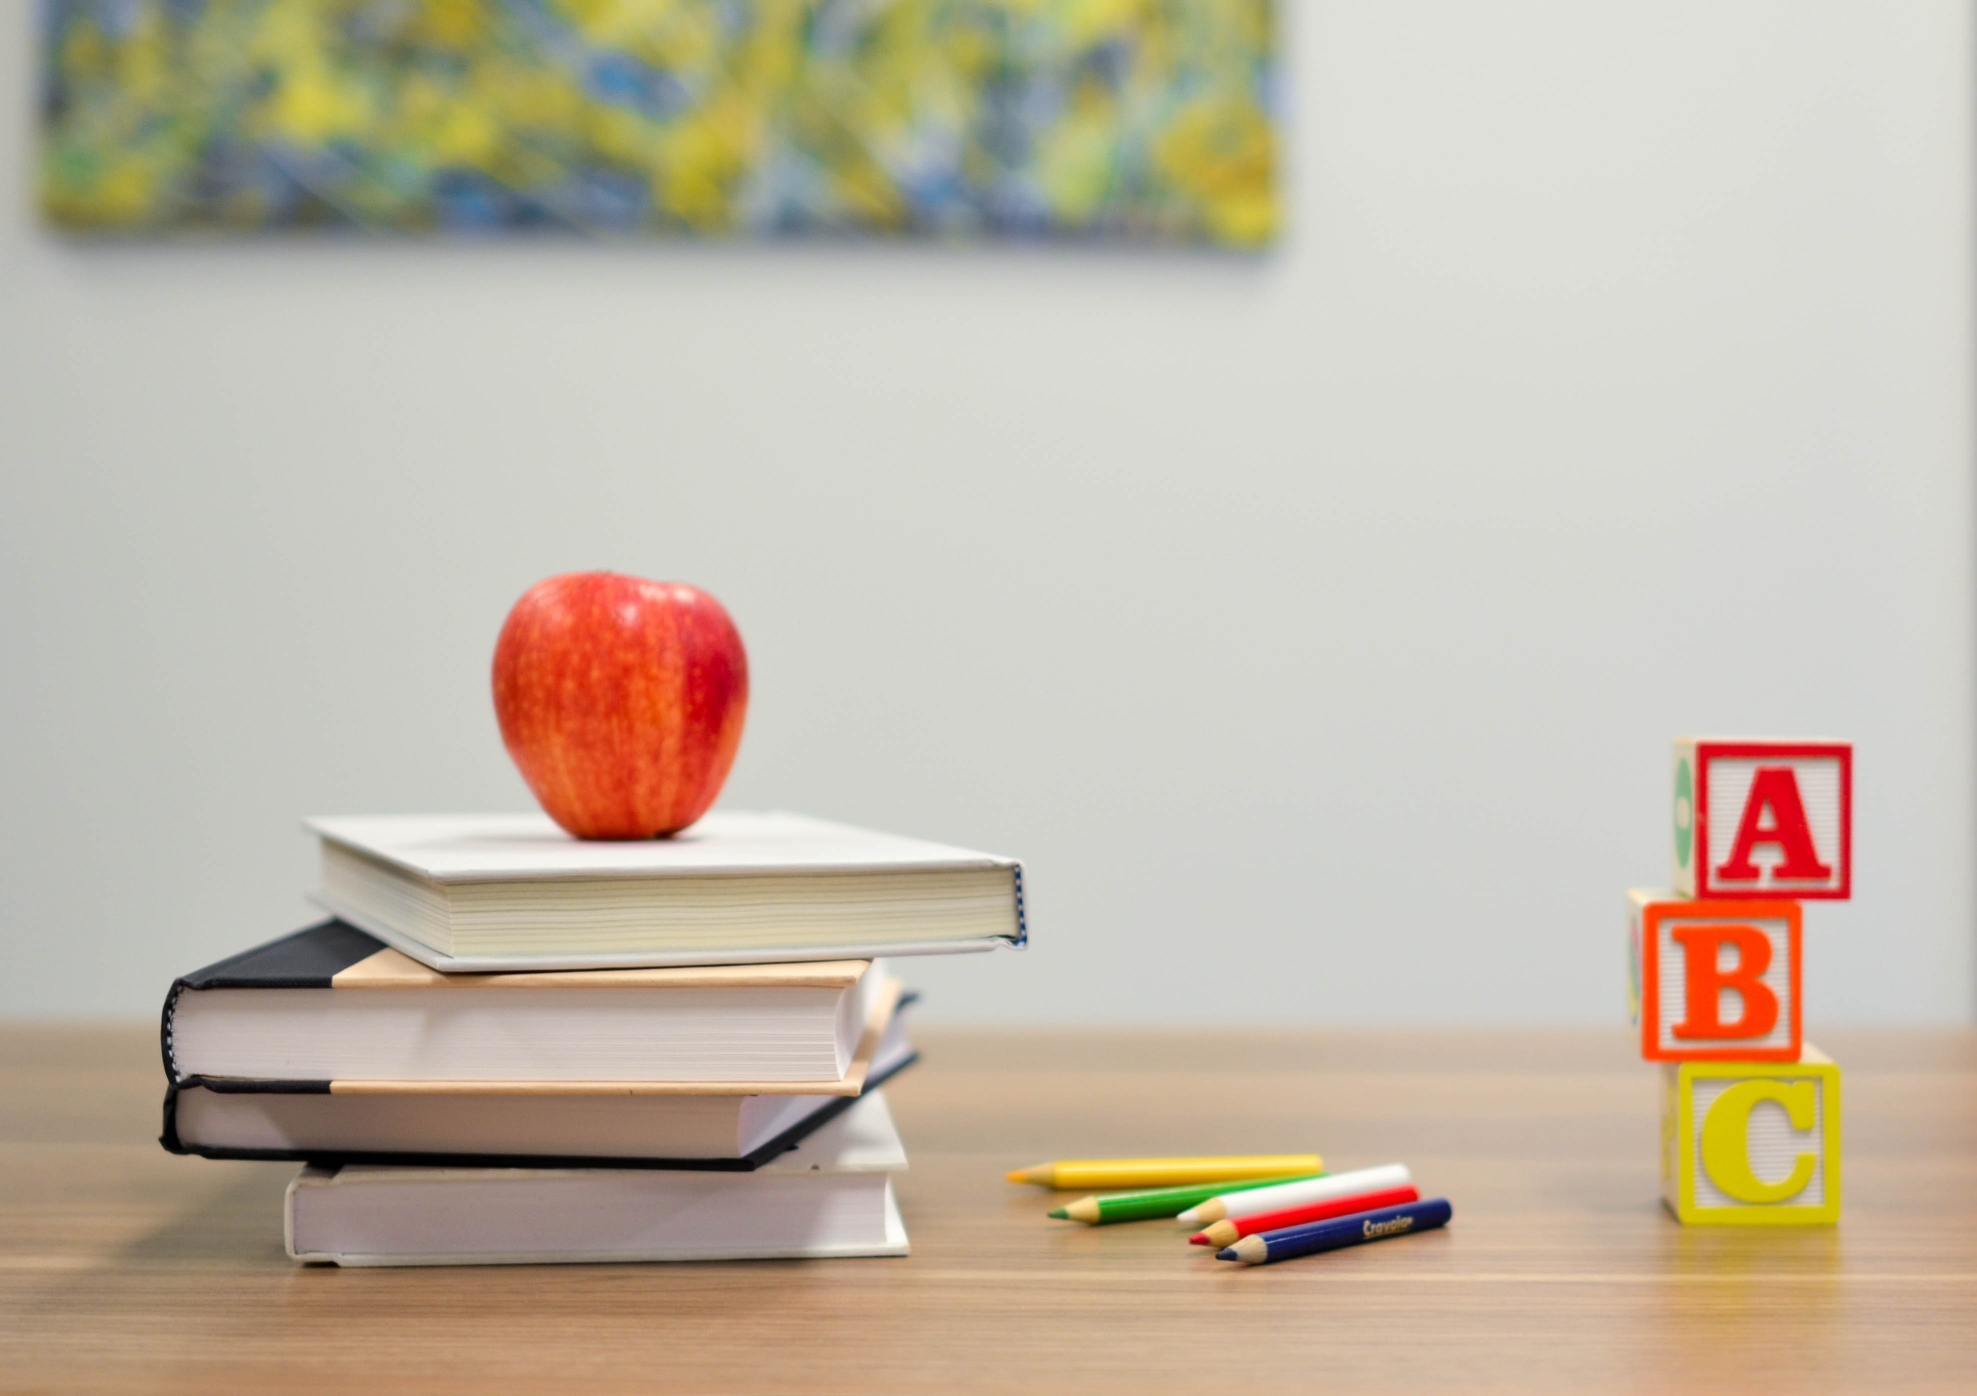 Checklist - listade cumparaturi pentru un prichindel de scoala primara